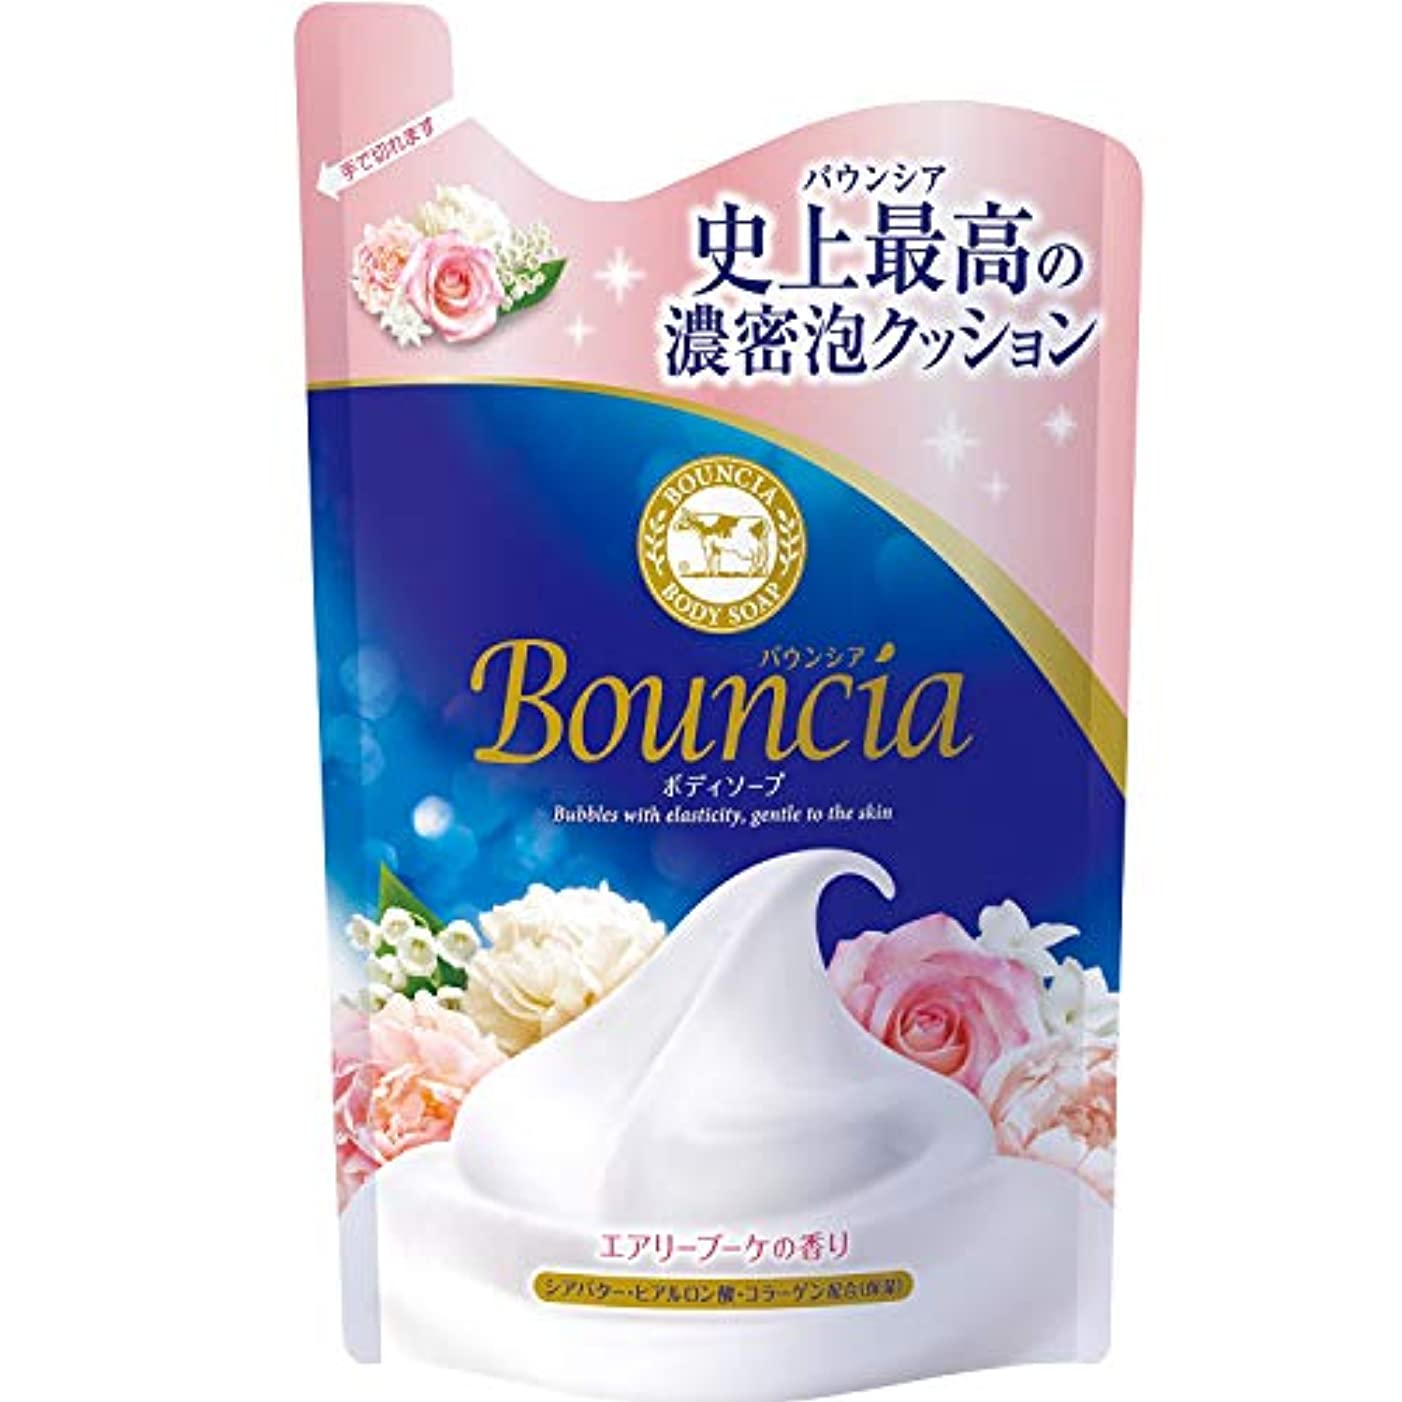 バウンシア ボディソープ エアリーブーケの香り 詰替 400mL